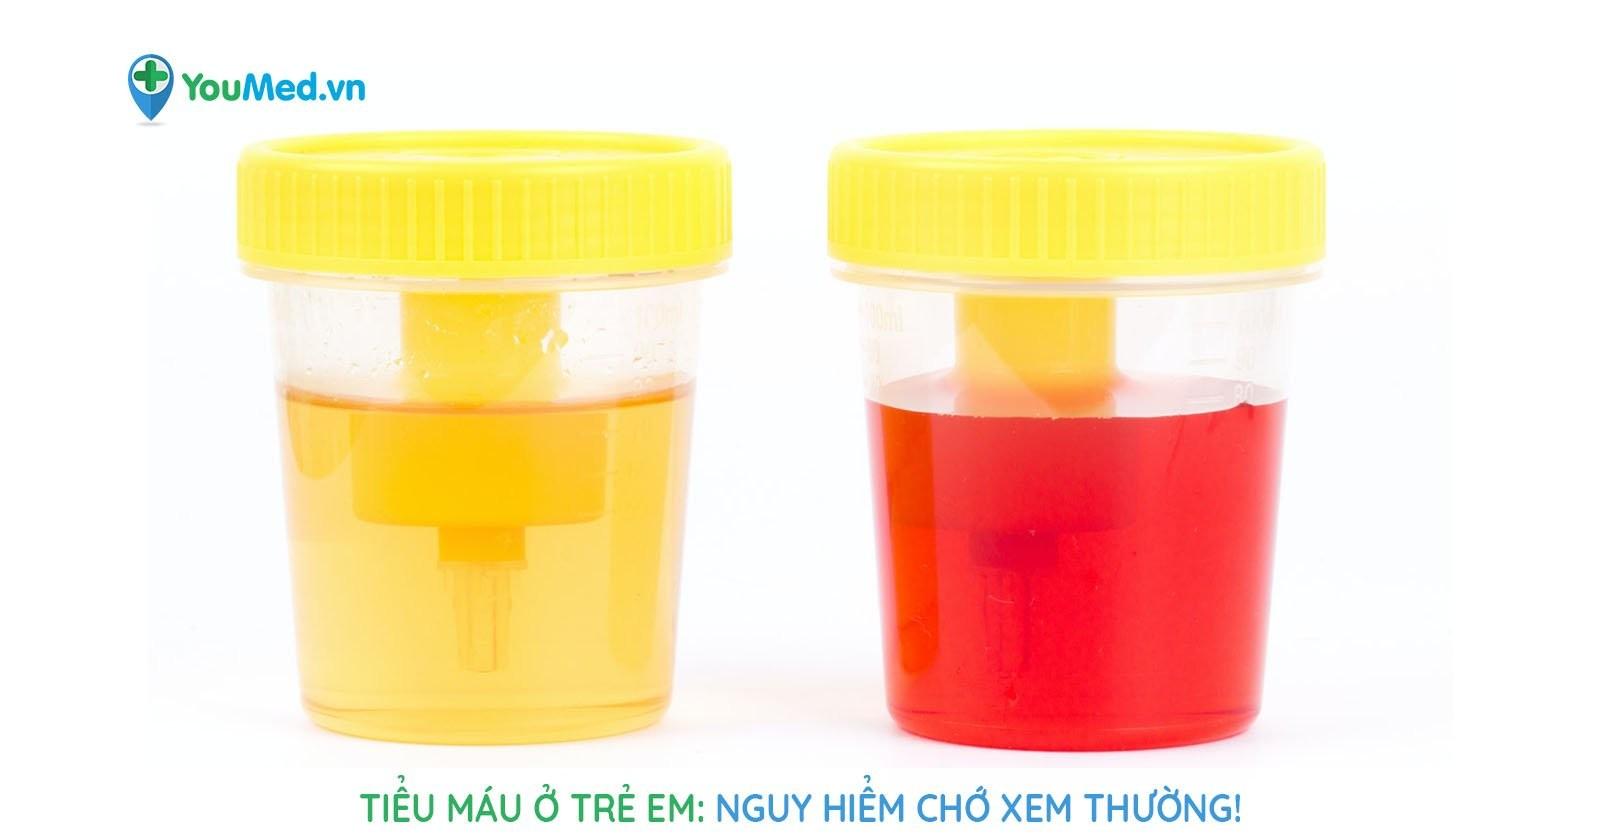 Tiểu máu ở trẻ em: Nguy hiểm chớ xem thường!